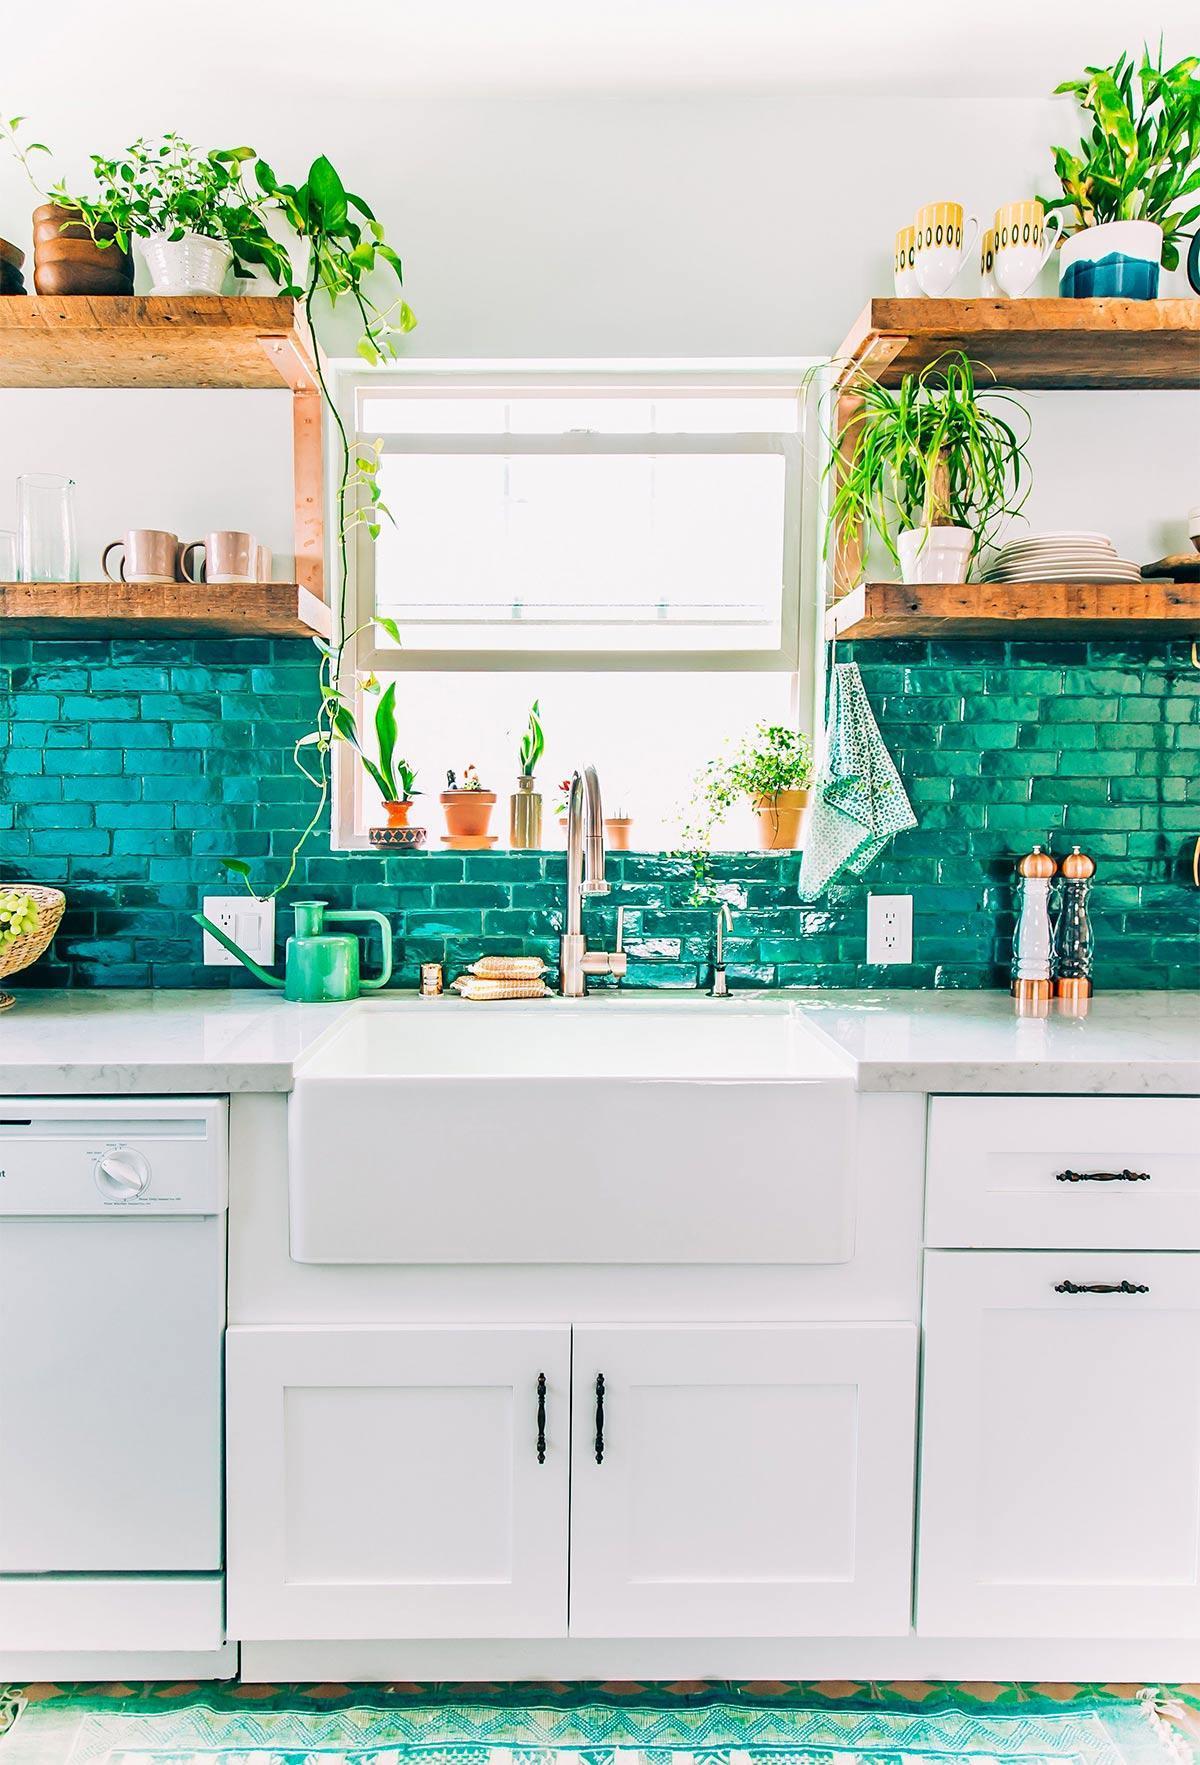 Bí quyết trang trí lại nội thất góc bếp thêm tuyệt đẹp